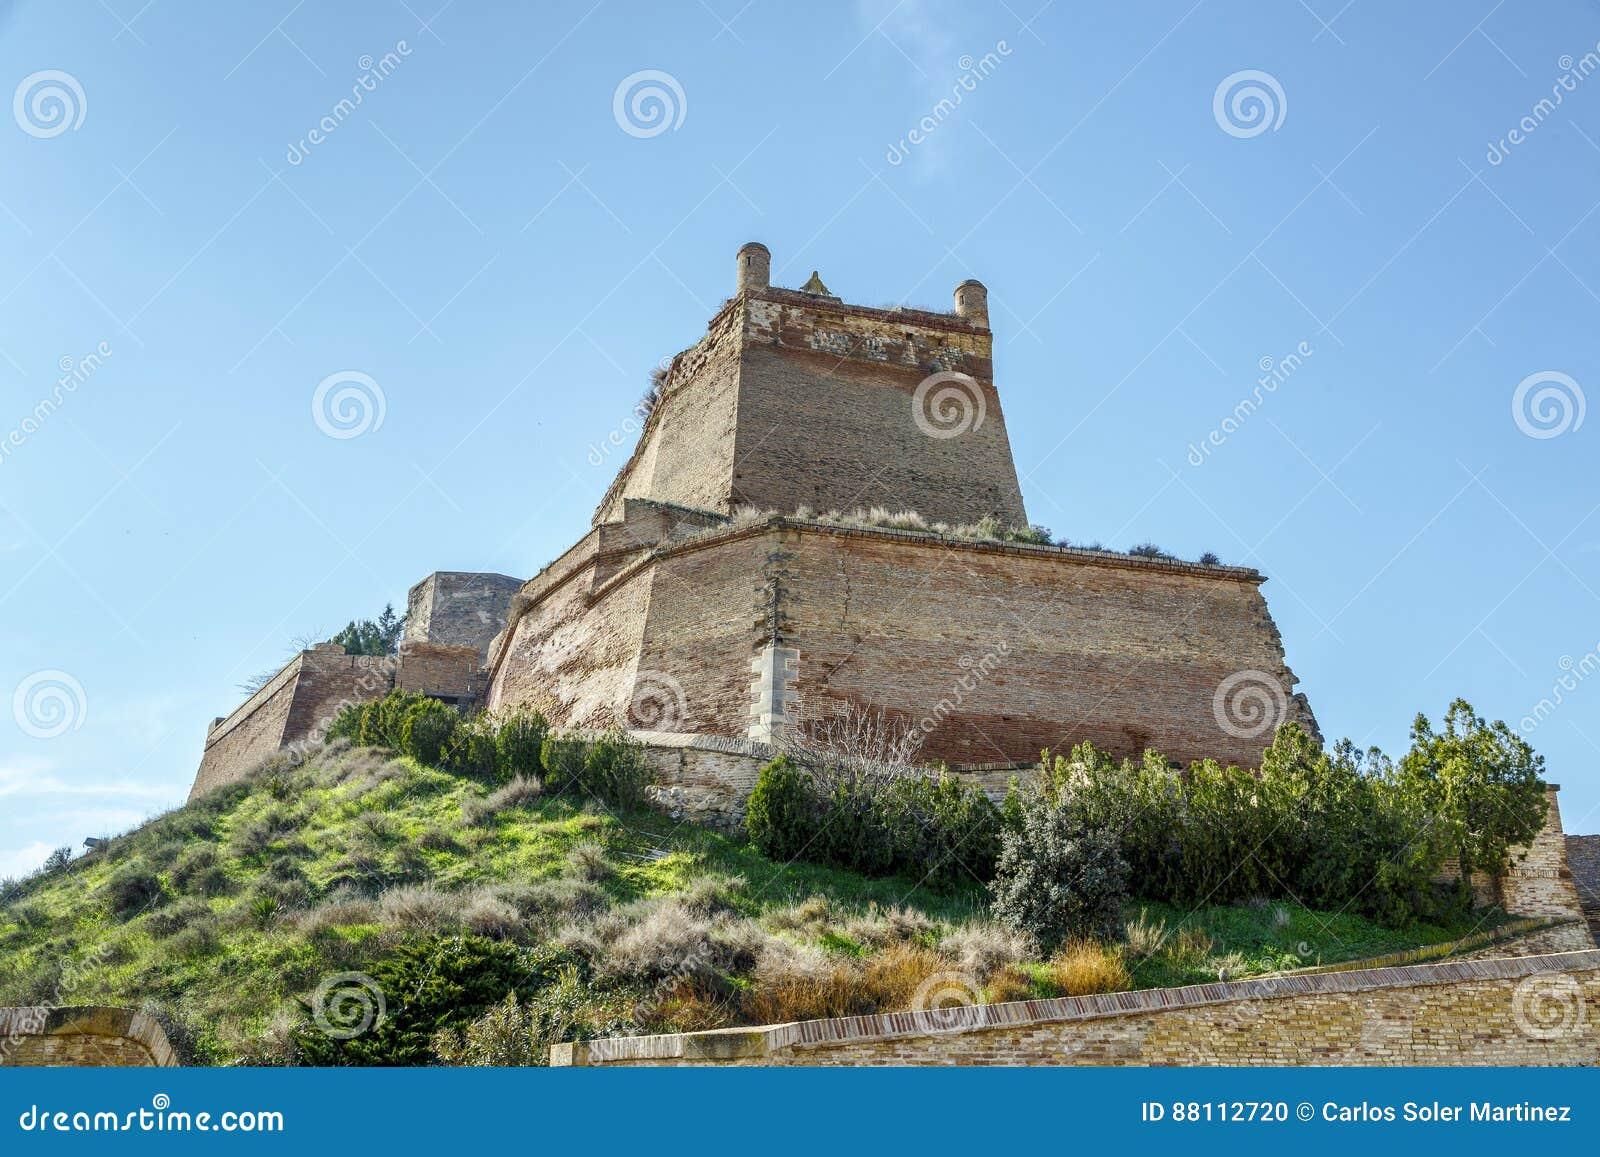 El castillo de Templar de Monzon Del origen árabe Huesca del siglo X España